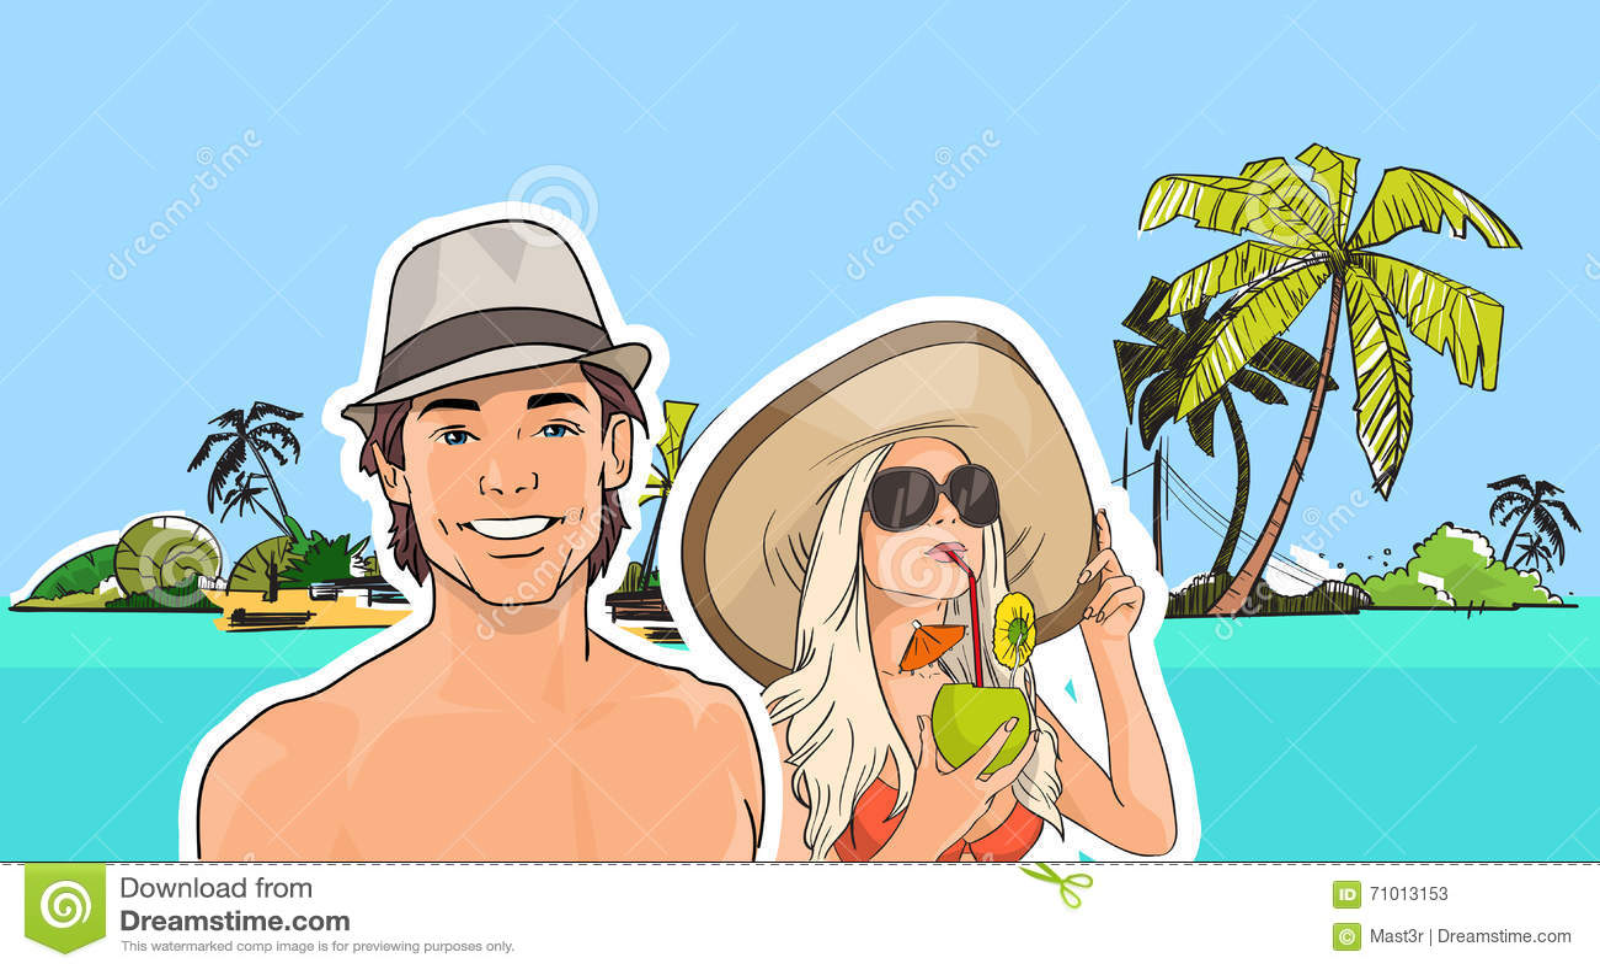 夫妇海滩帽子的,女孩太阳镜饮料鸡尾酒海岸热带暑假人图片